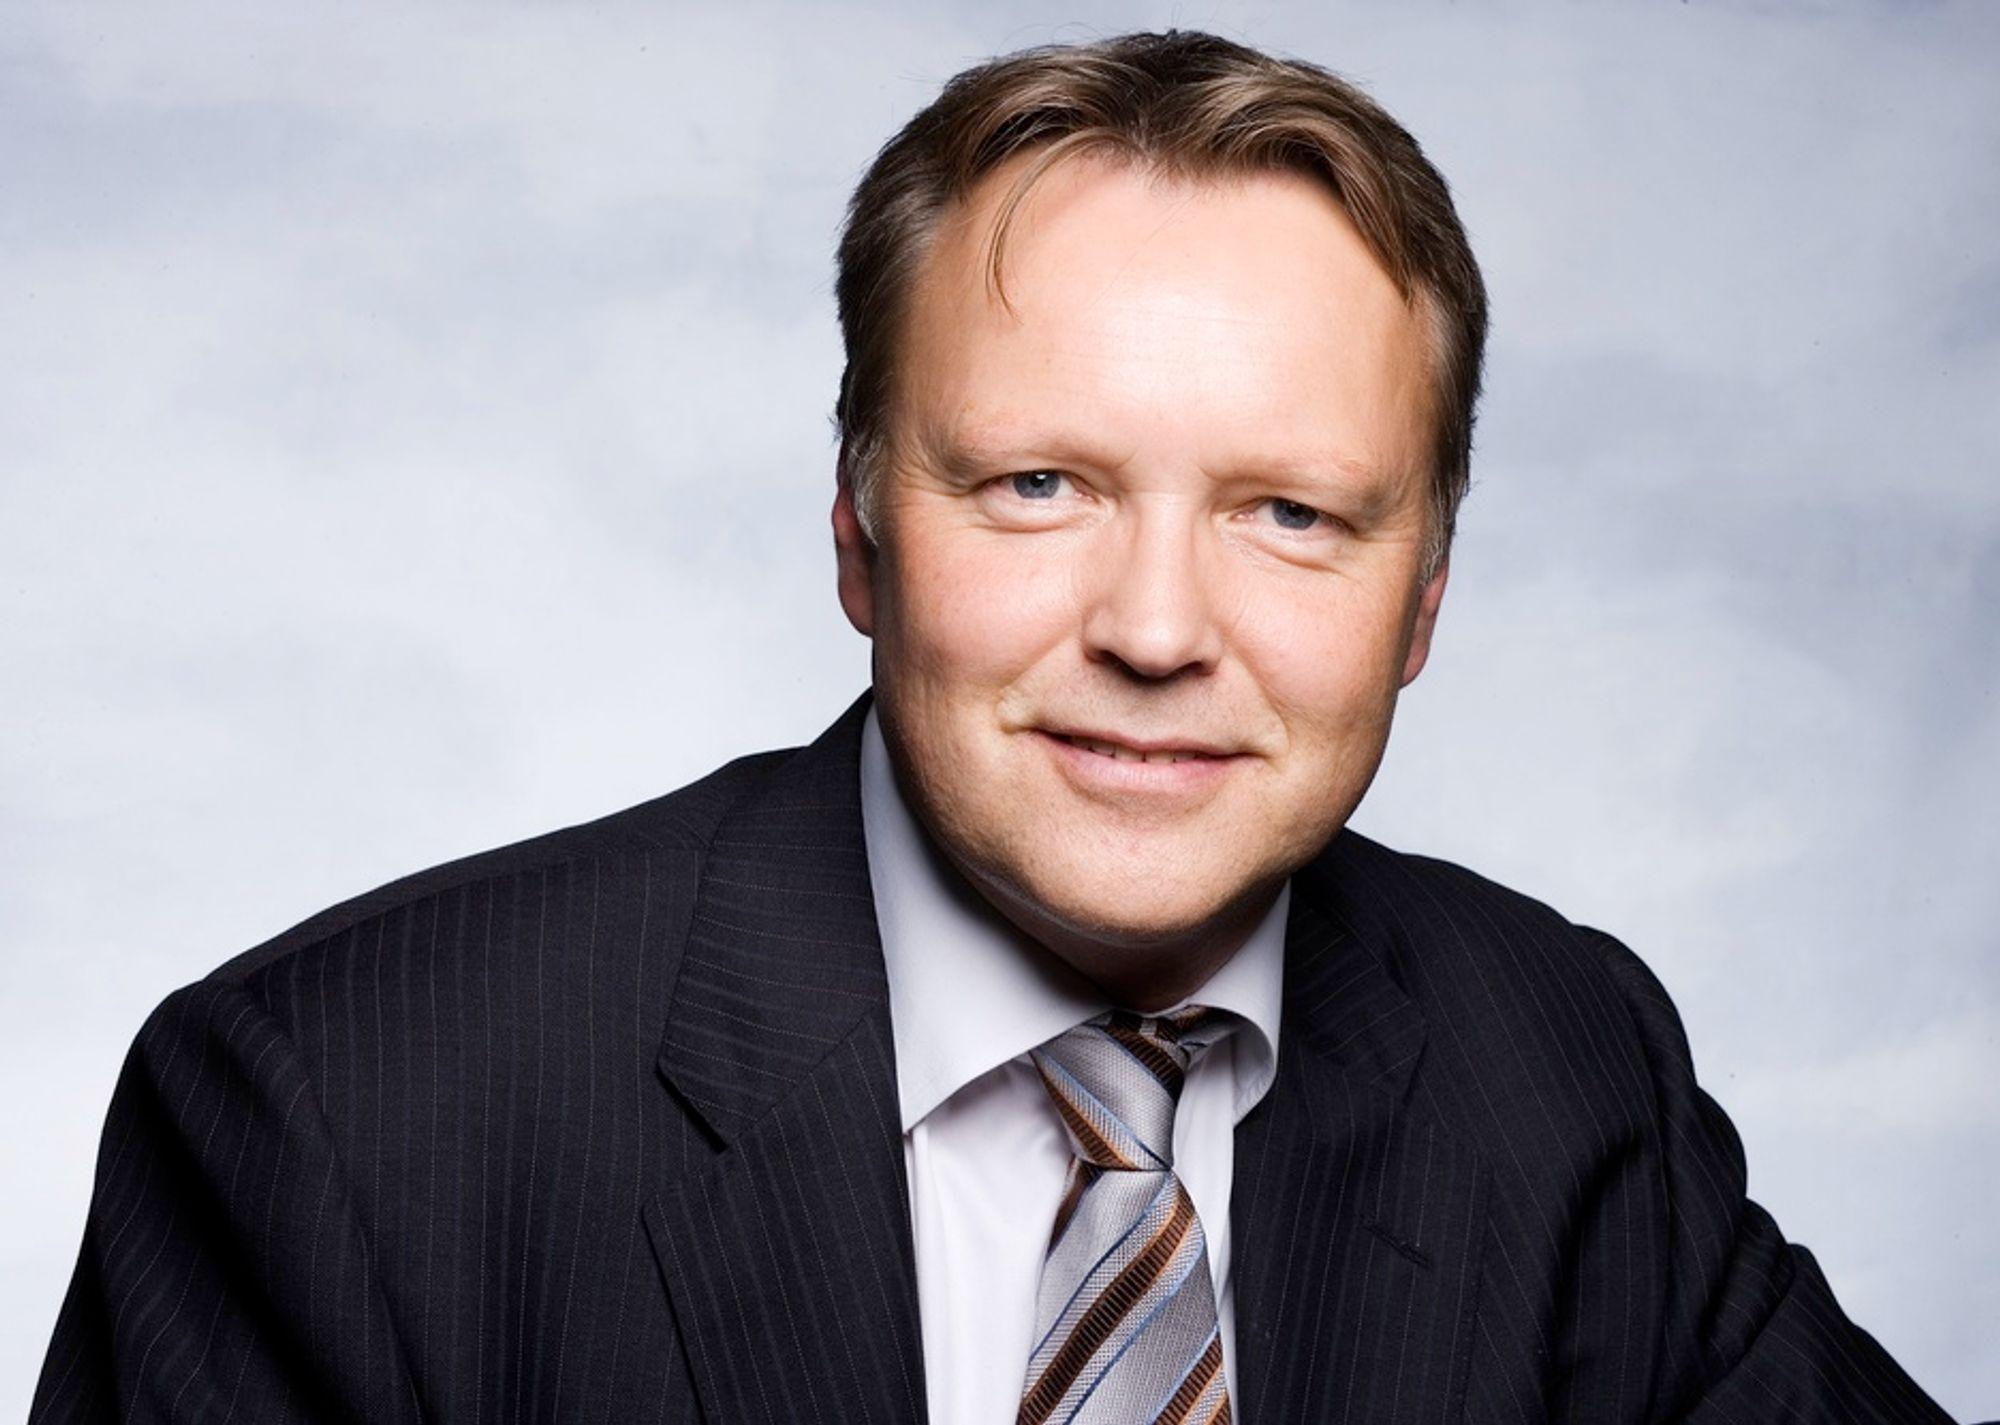 PÅ HANDLETUR:  Administrerende direktør Pål Helsing i Kongsberg Oil & Gas Technonolgies har vært på handletur i Bergen.  - Oppkjøpet av Odfjell Consulting vil styrke vår oppstrømsaktivitet, sier han.